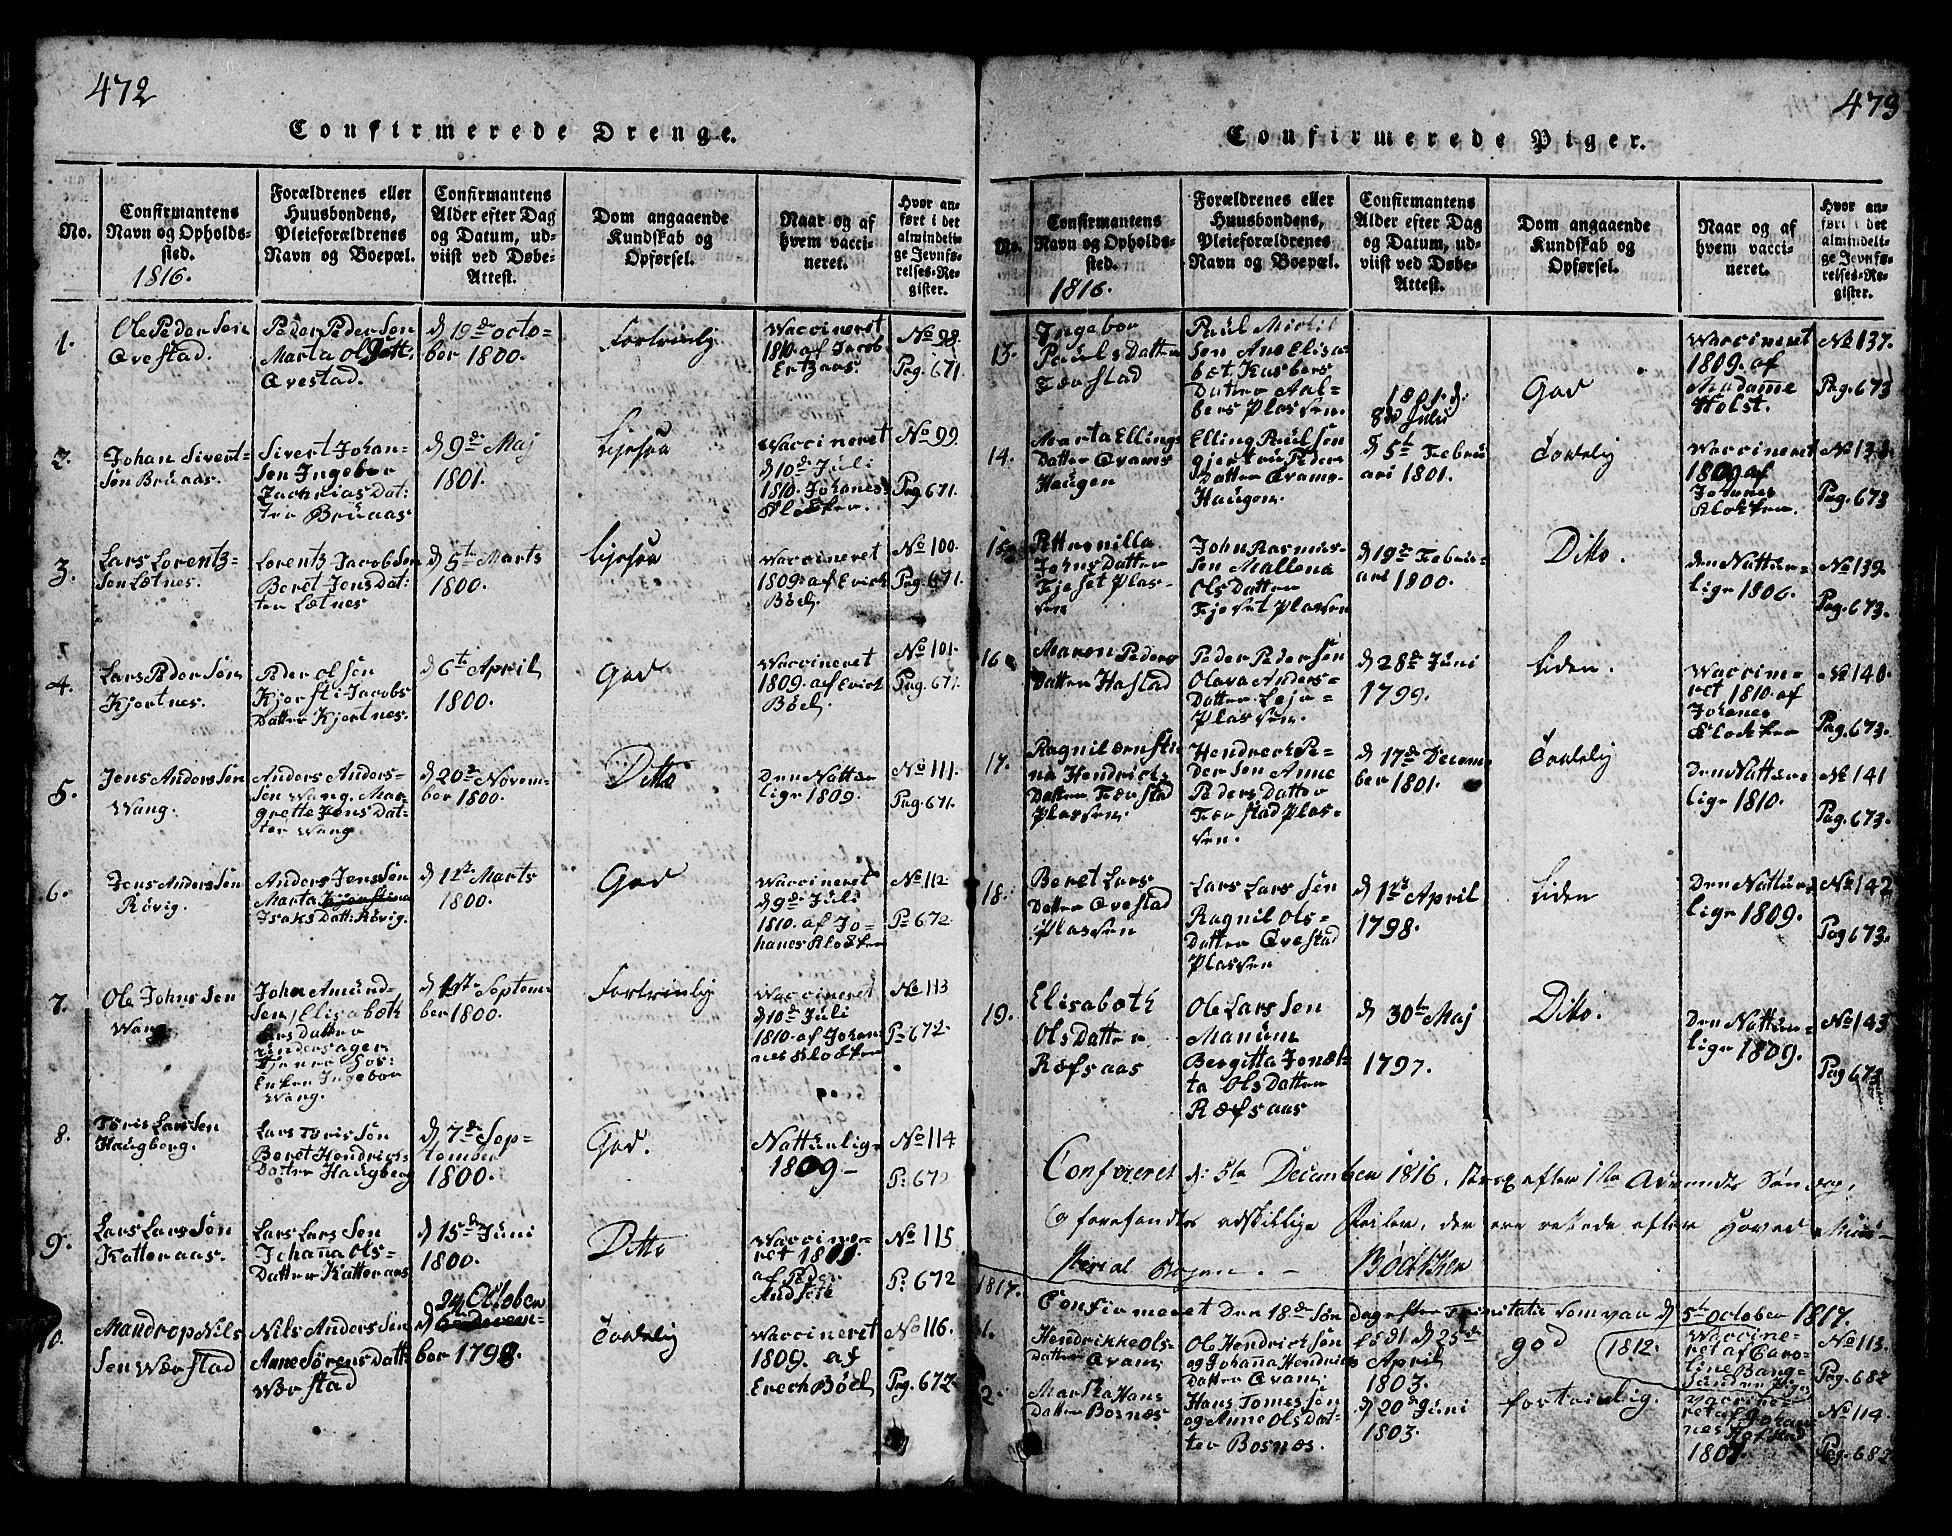 SAT, Ministerialprotokoller, klokkerbøker og fødselsregistre - Nord-Trøndelag, 730/L0298: Klokkerbok nr. 730C01, 1816-1849, s. 472-473